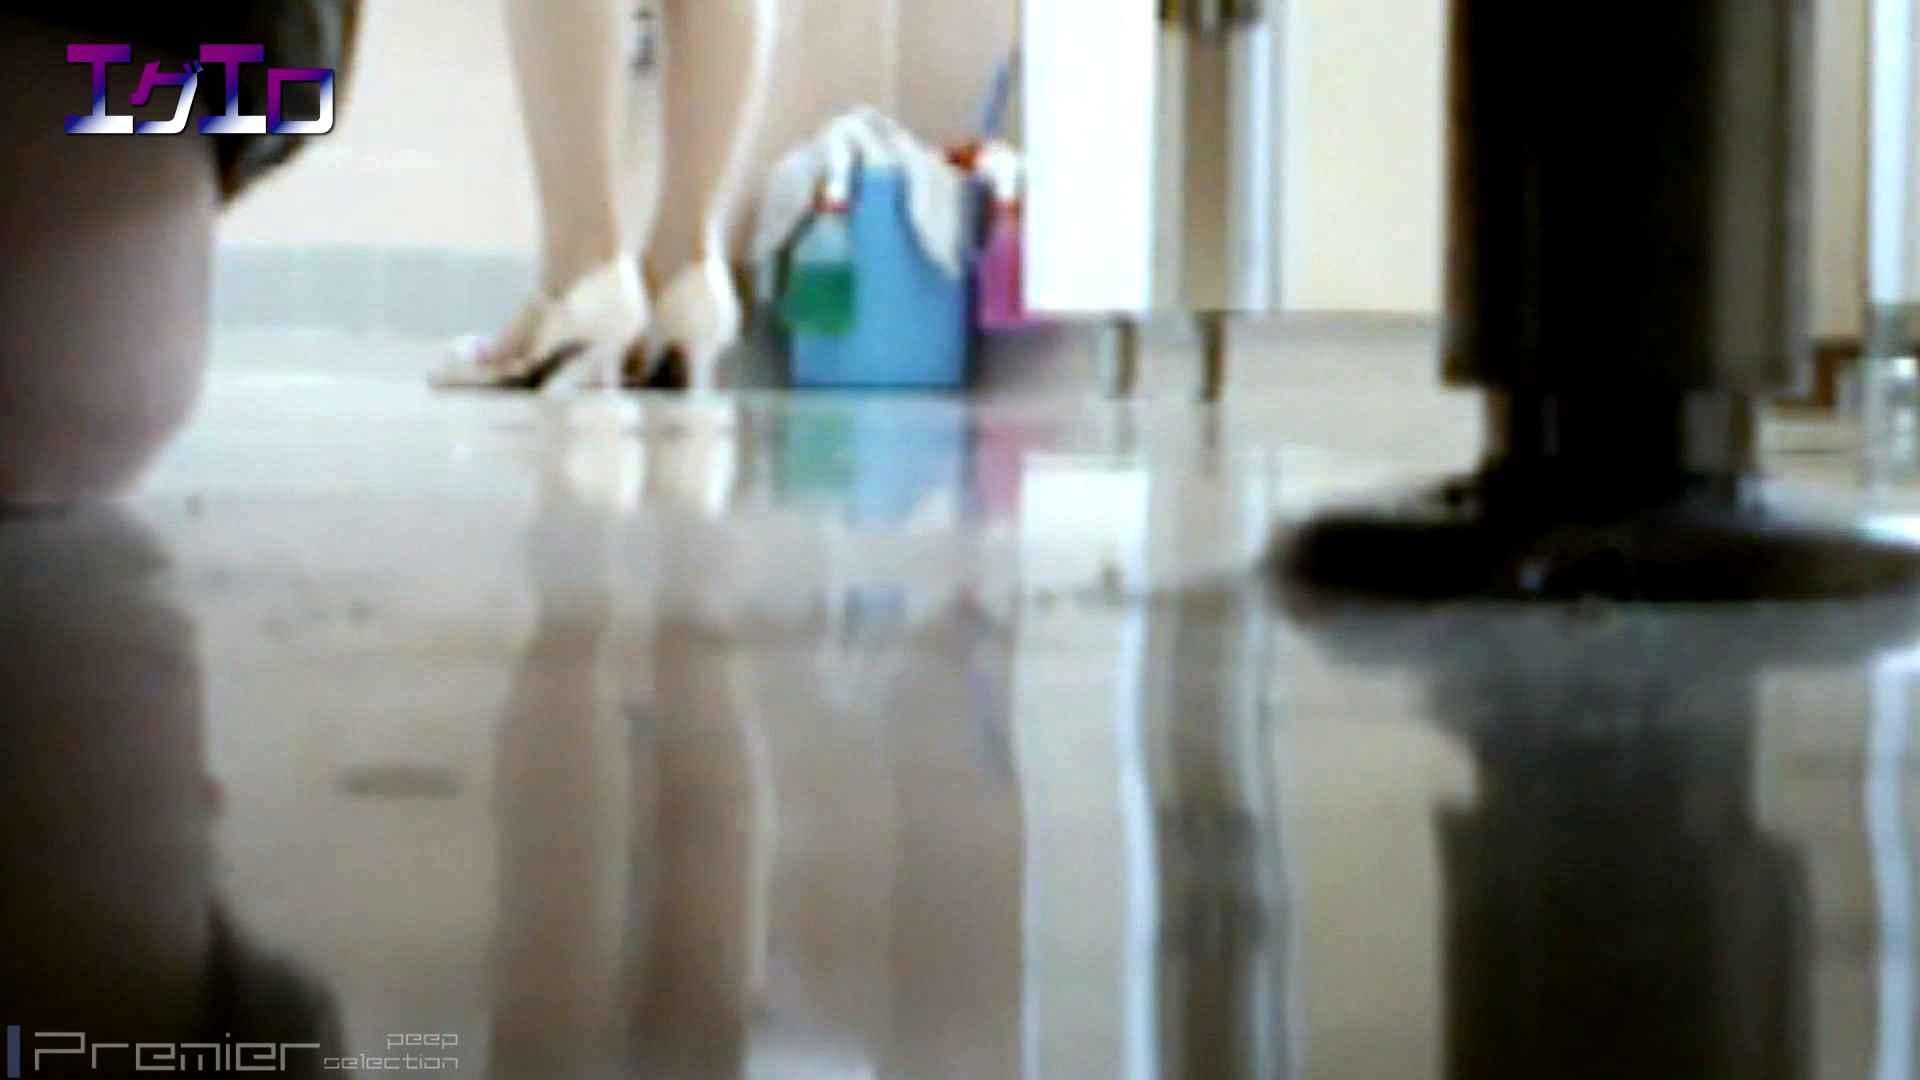 至近距離洗面所 Vol.07 ニーハイソックスに狙いを定めて 細身女性 オマンコ無修正動画無料 72画像 38